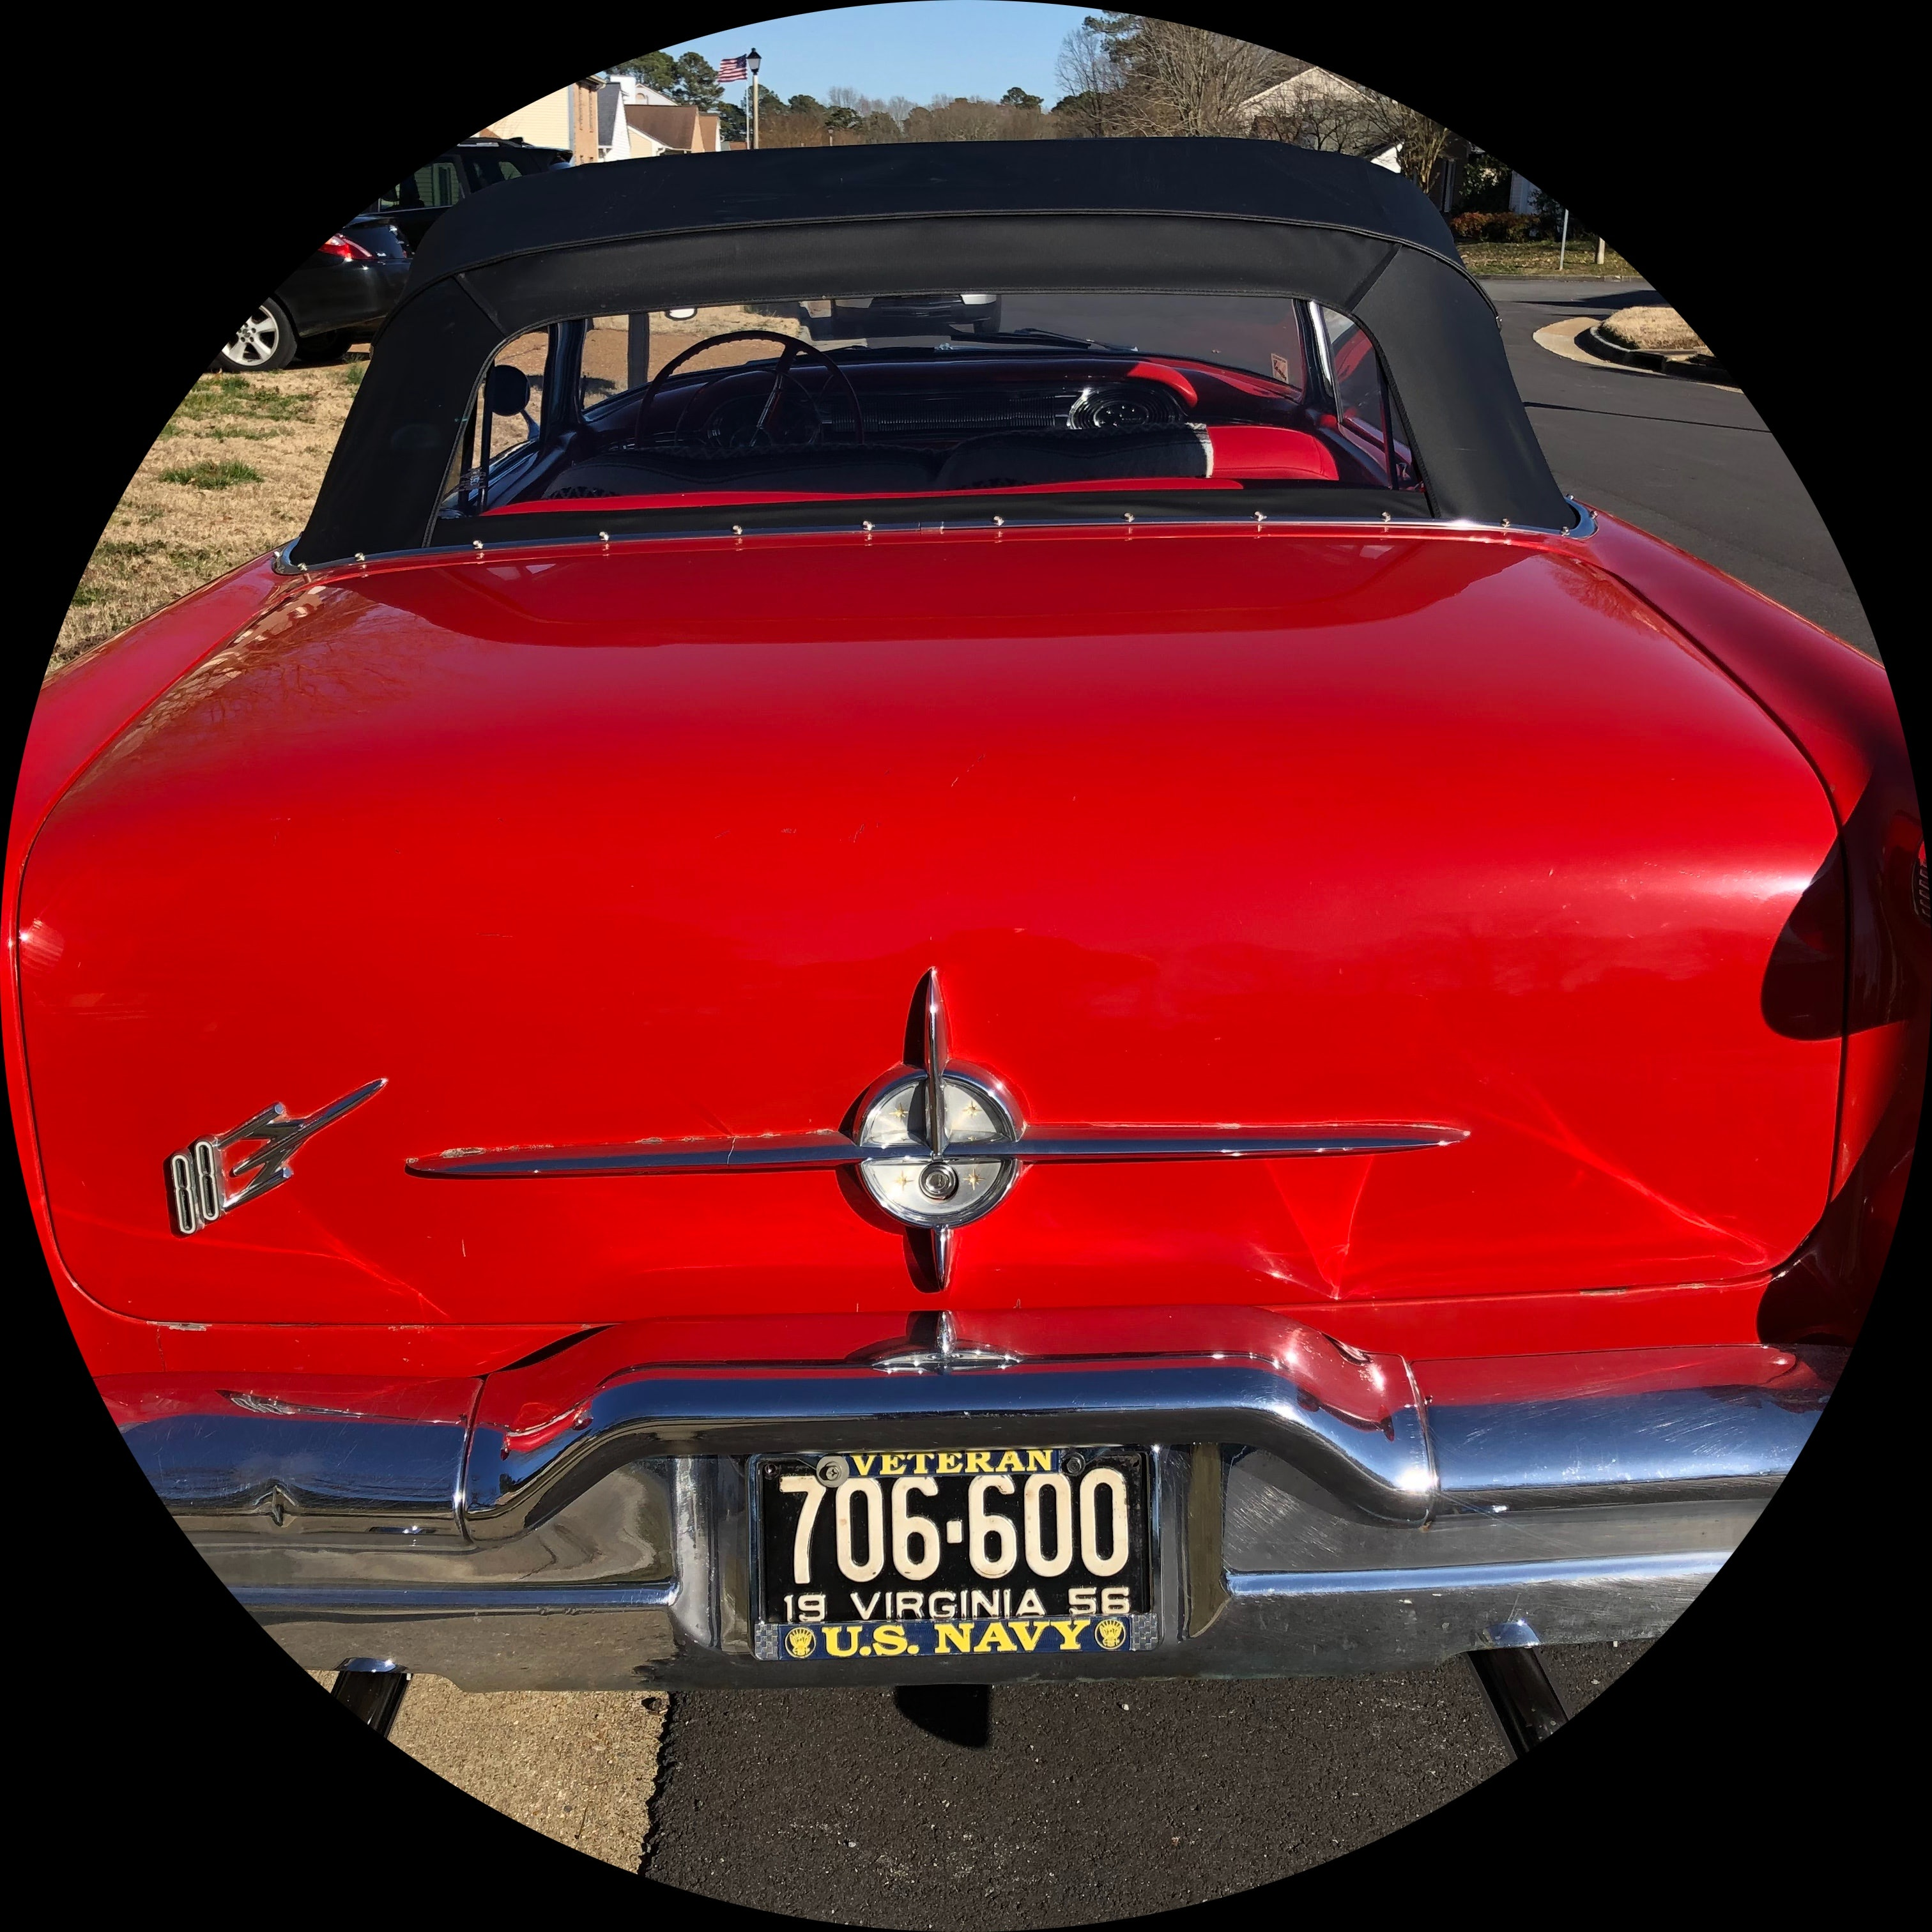 Owner of 1956 Oldsmobile Super 88